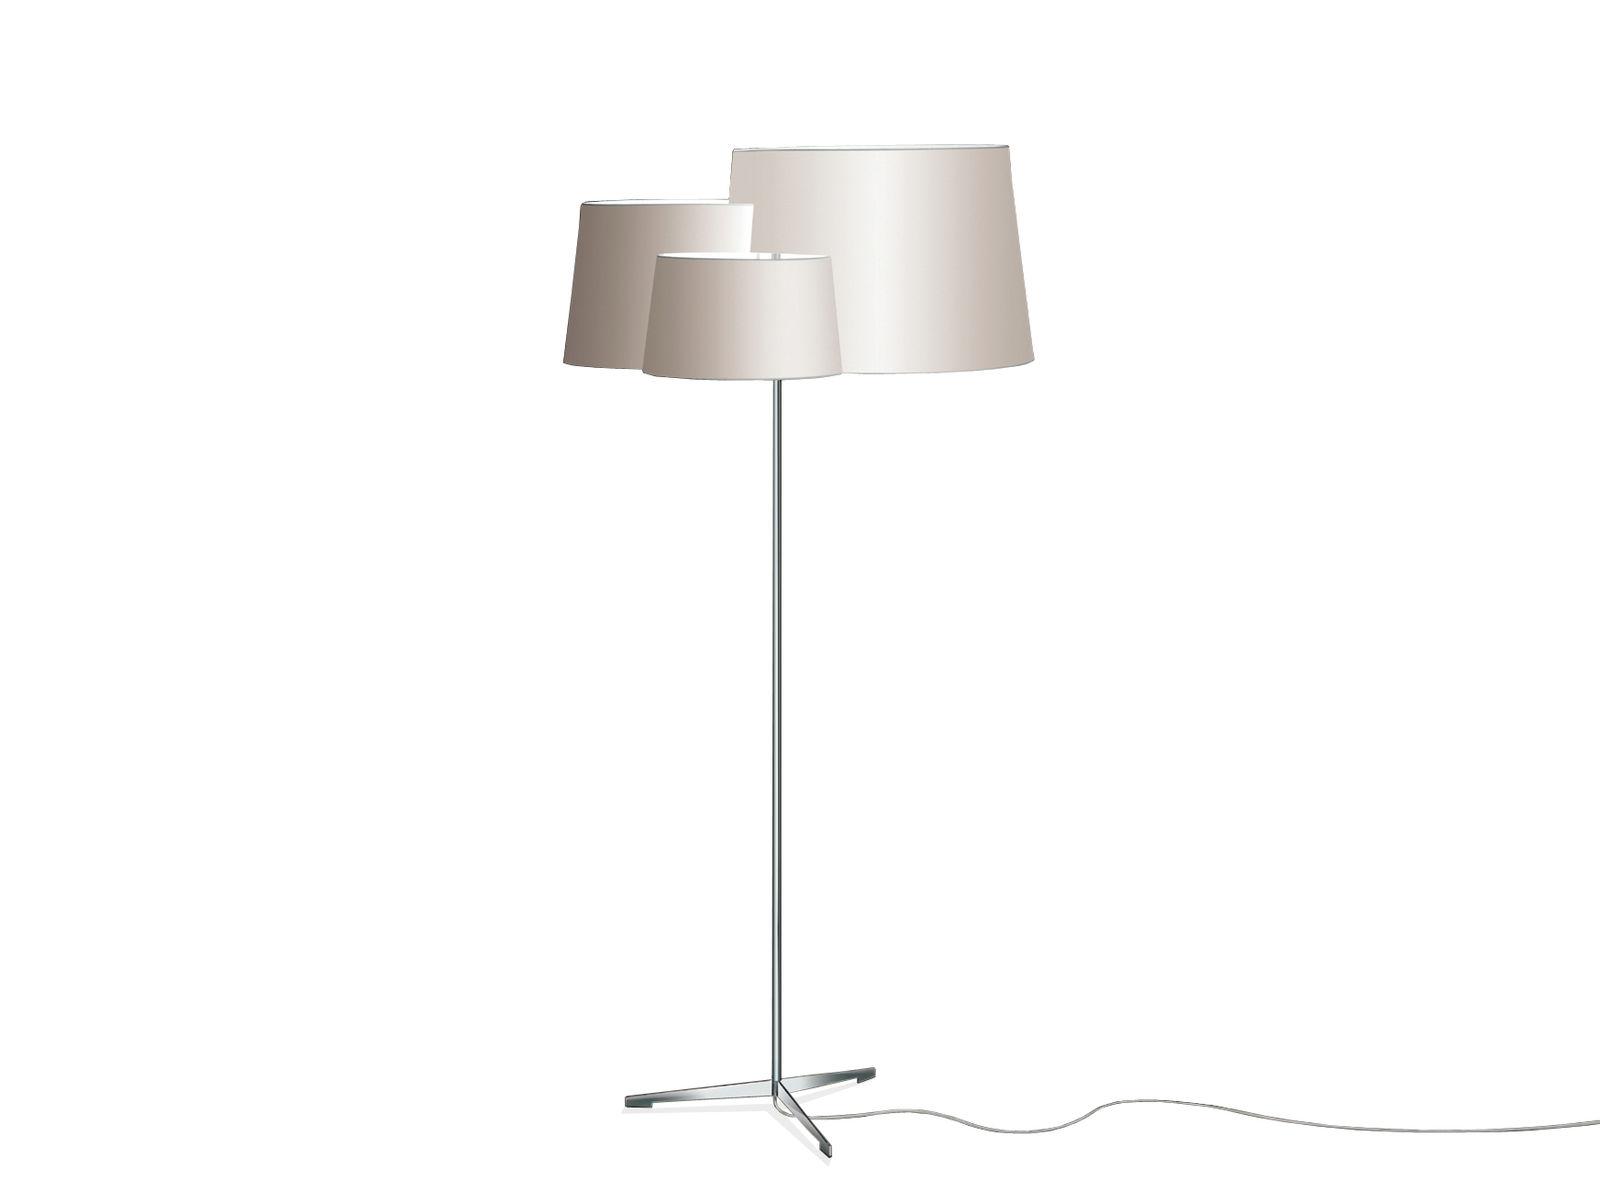 Lampscapes Uphill vloerlamp Roijé